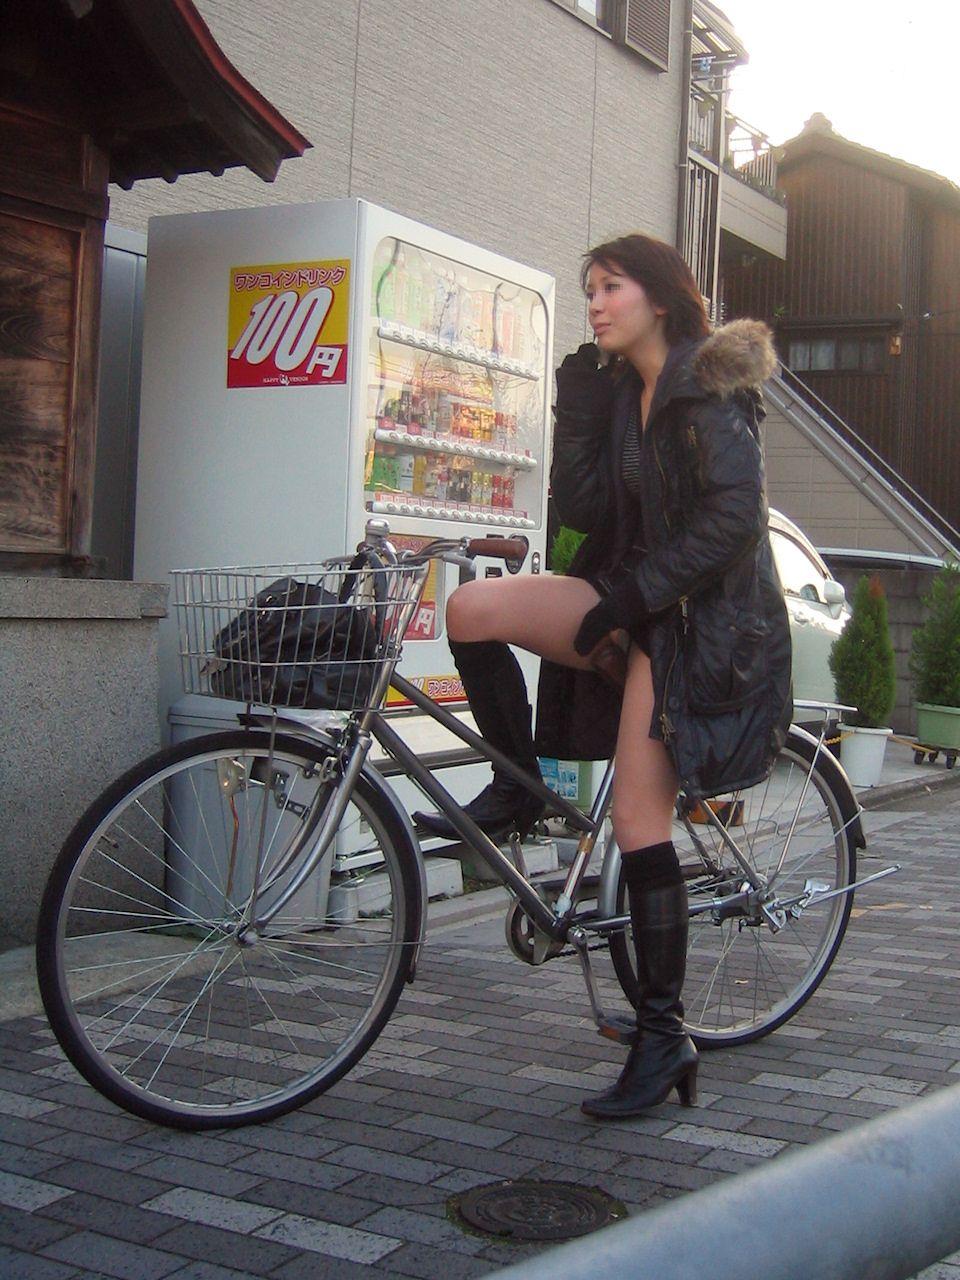 【パンチラエロ画像】過ぎ去る前に下着見ておきたい…自転車女子のパンチラ!